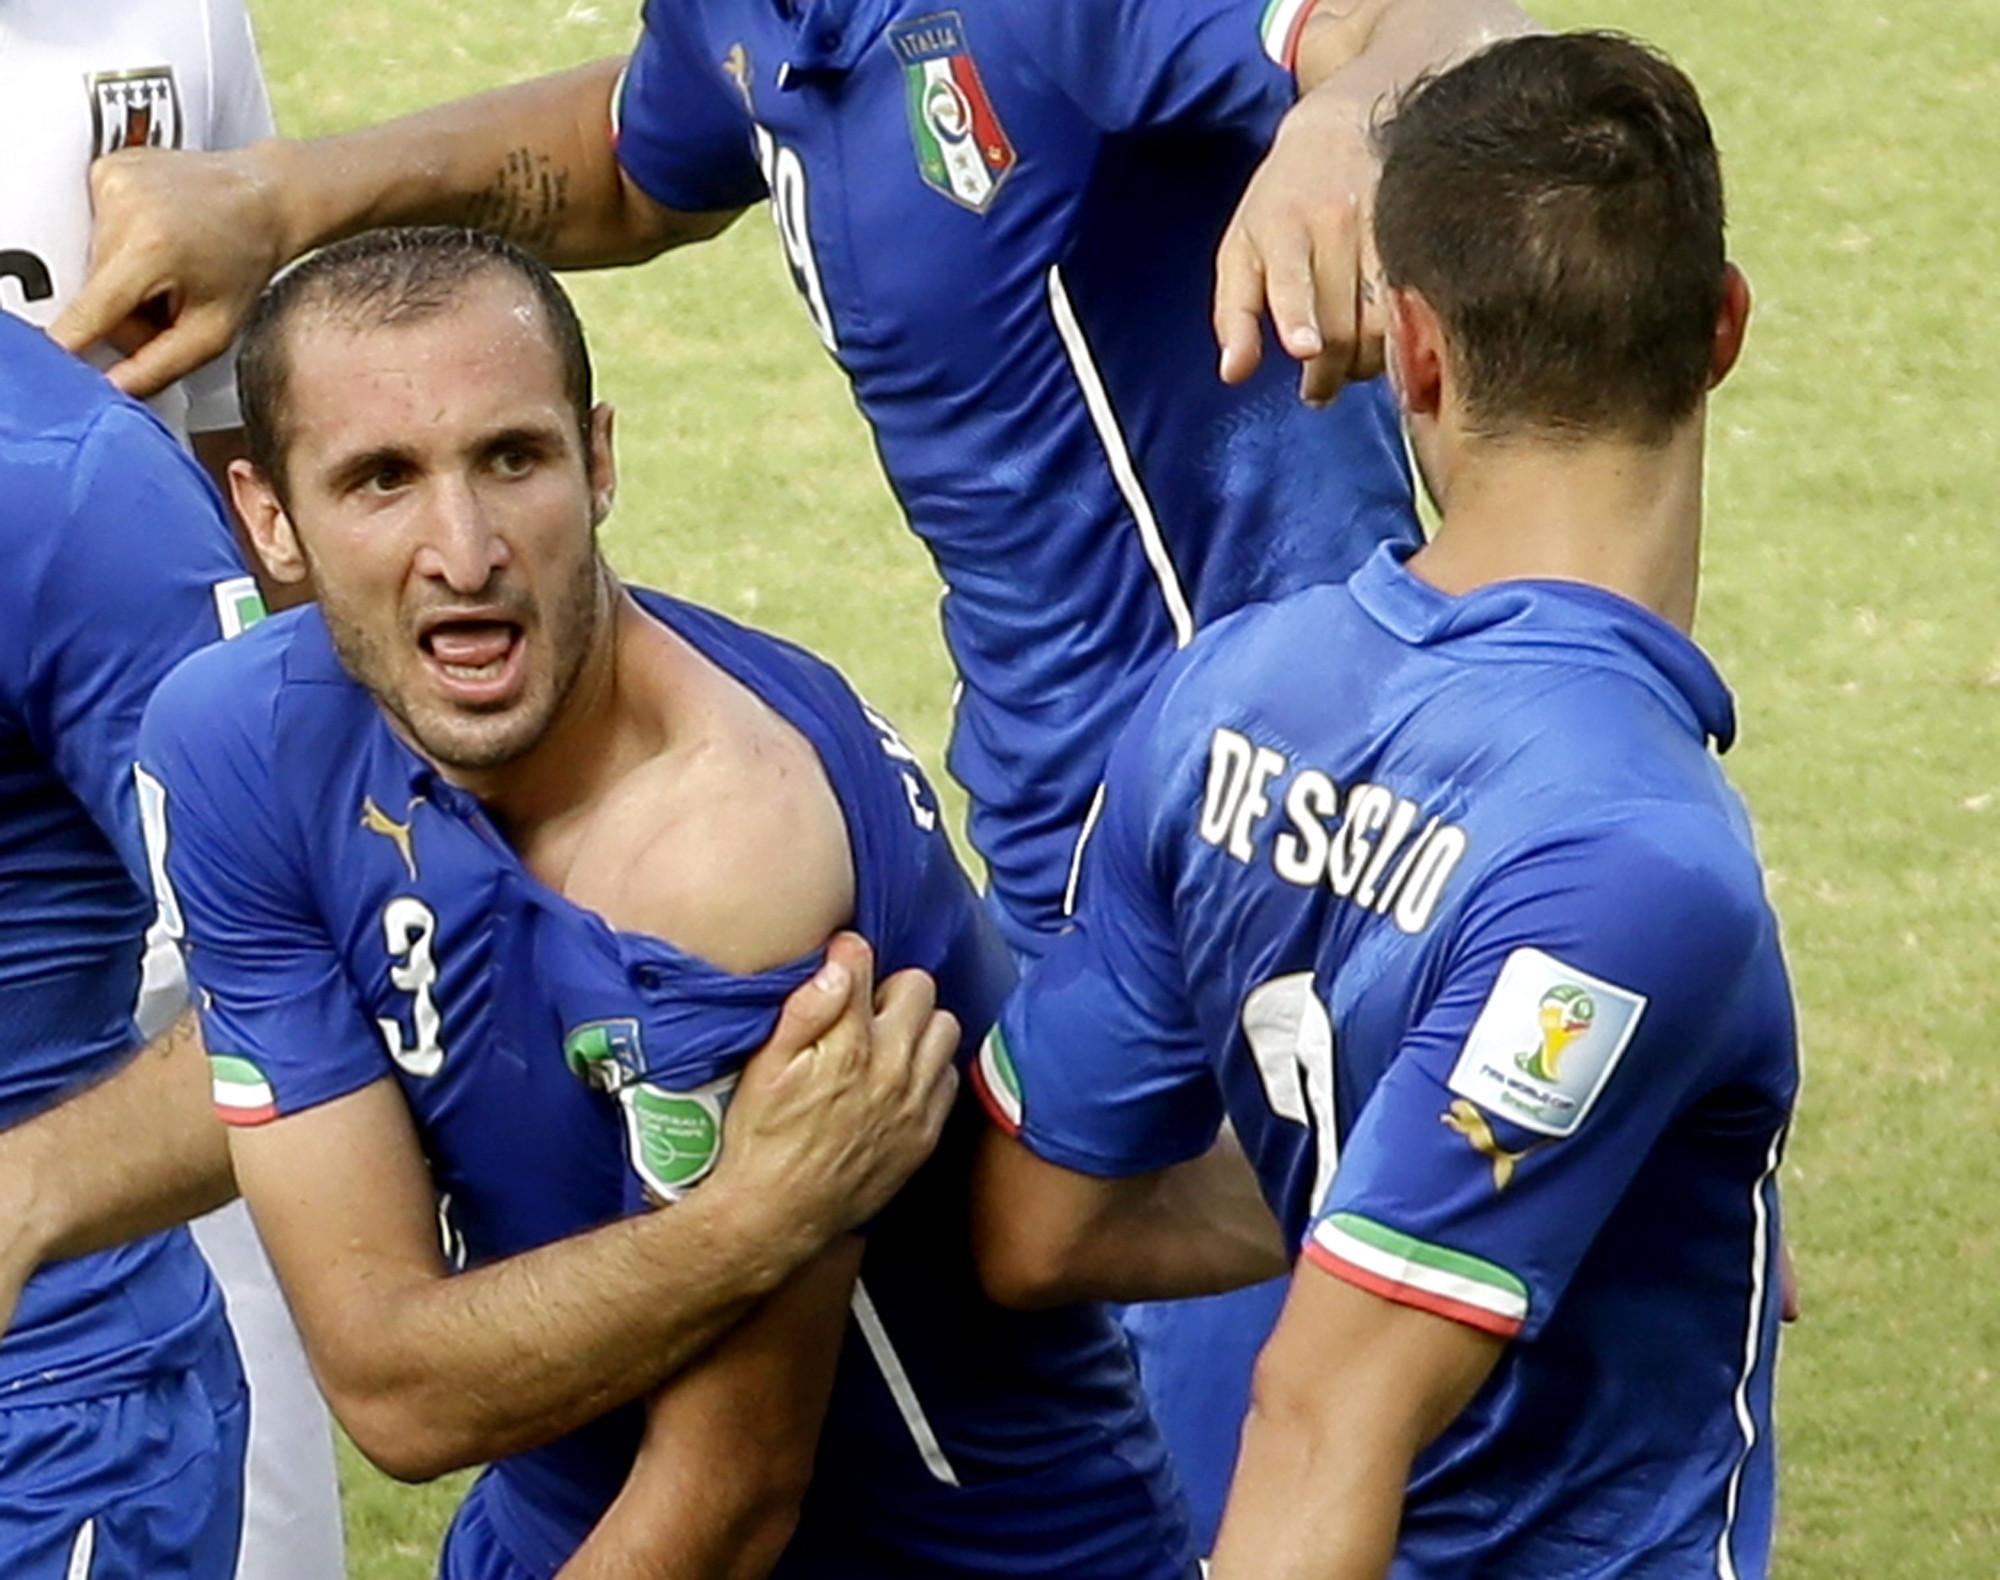 Luis Suarez apologizes for biting Giorgio Chiellini in World Cup